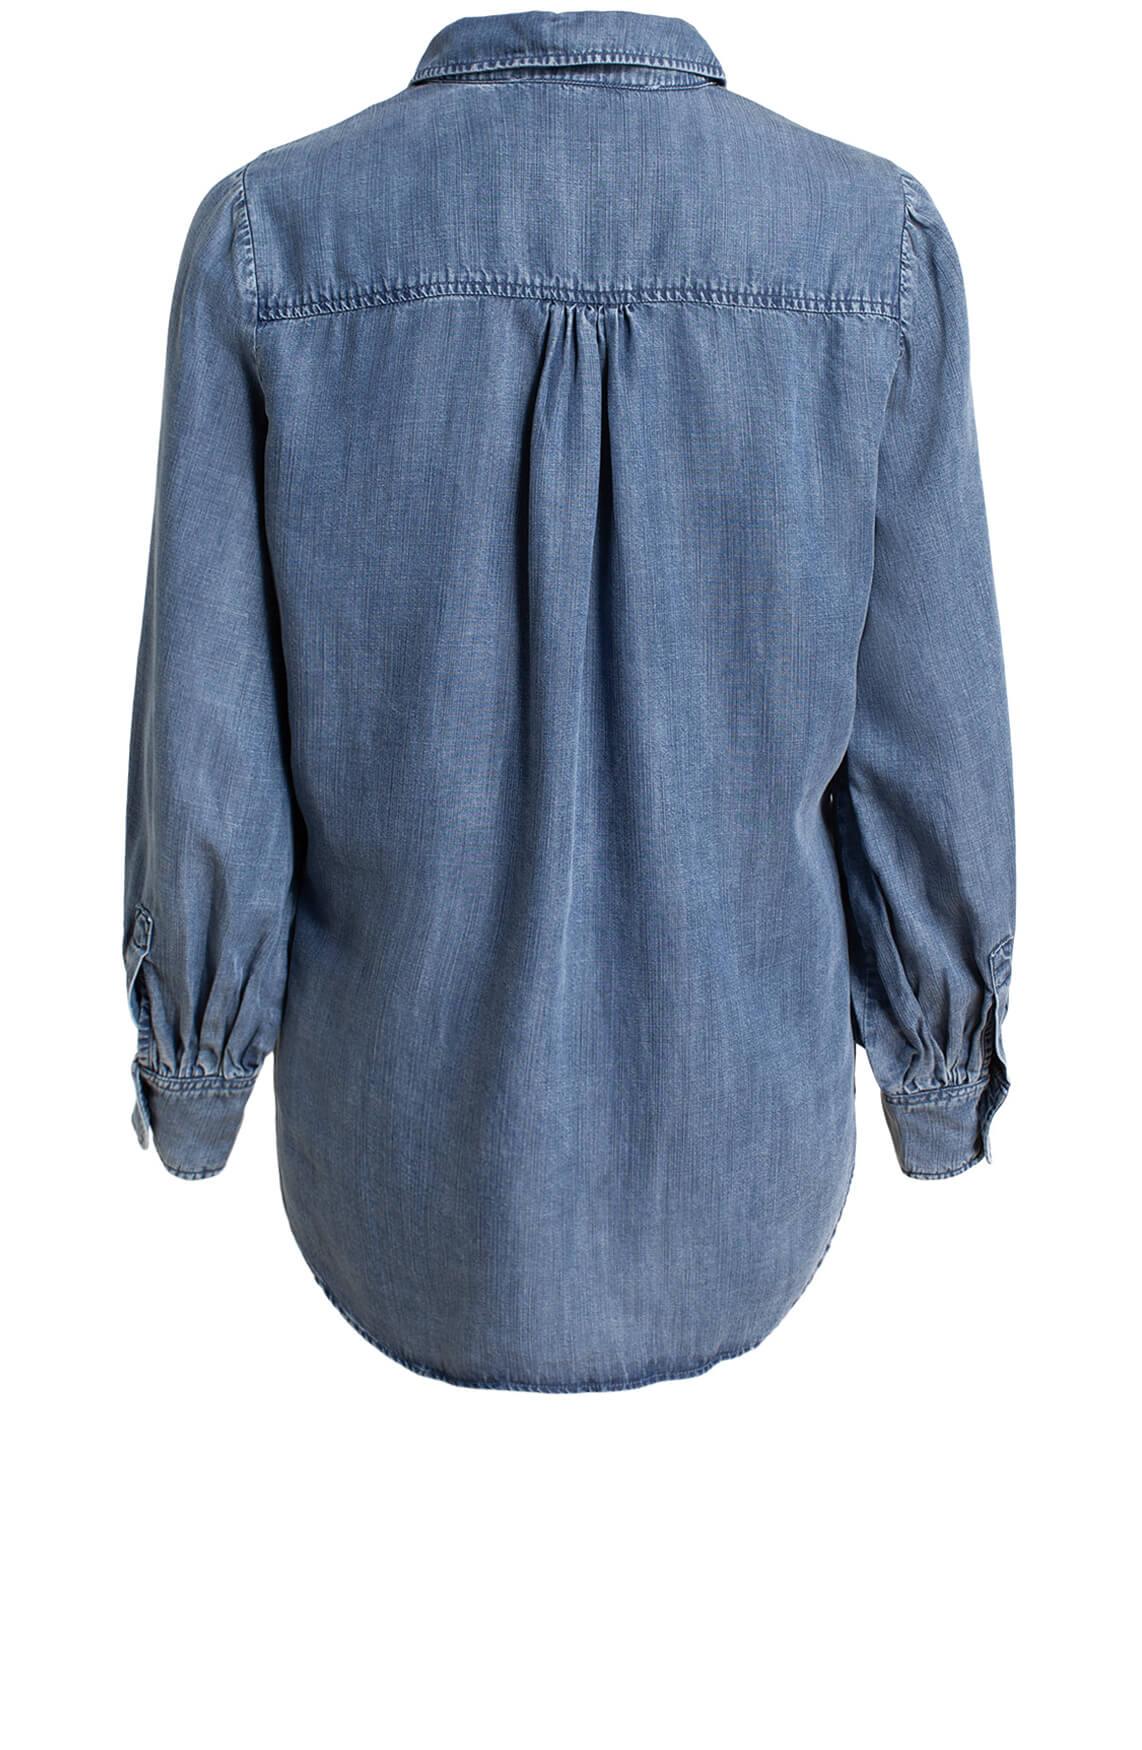 Moscow Dames Nadezda denim blouse Blauw